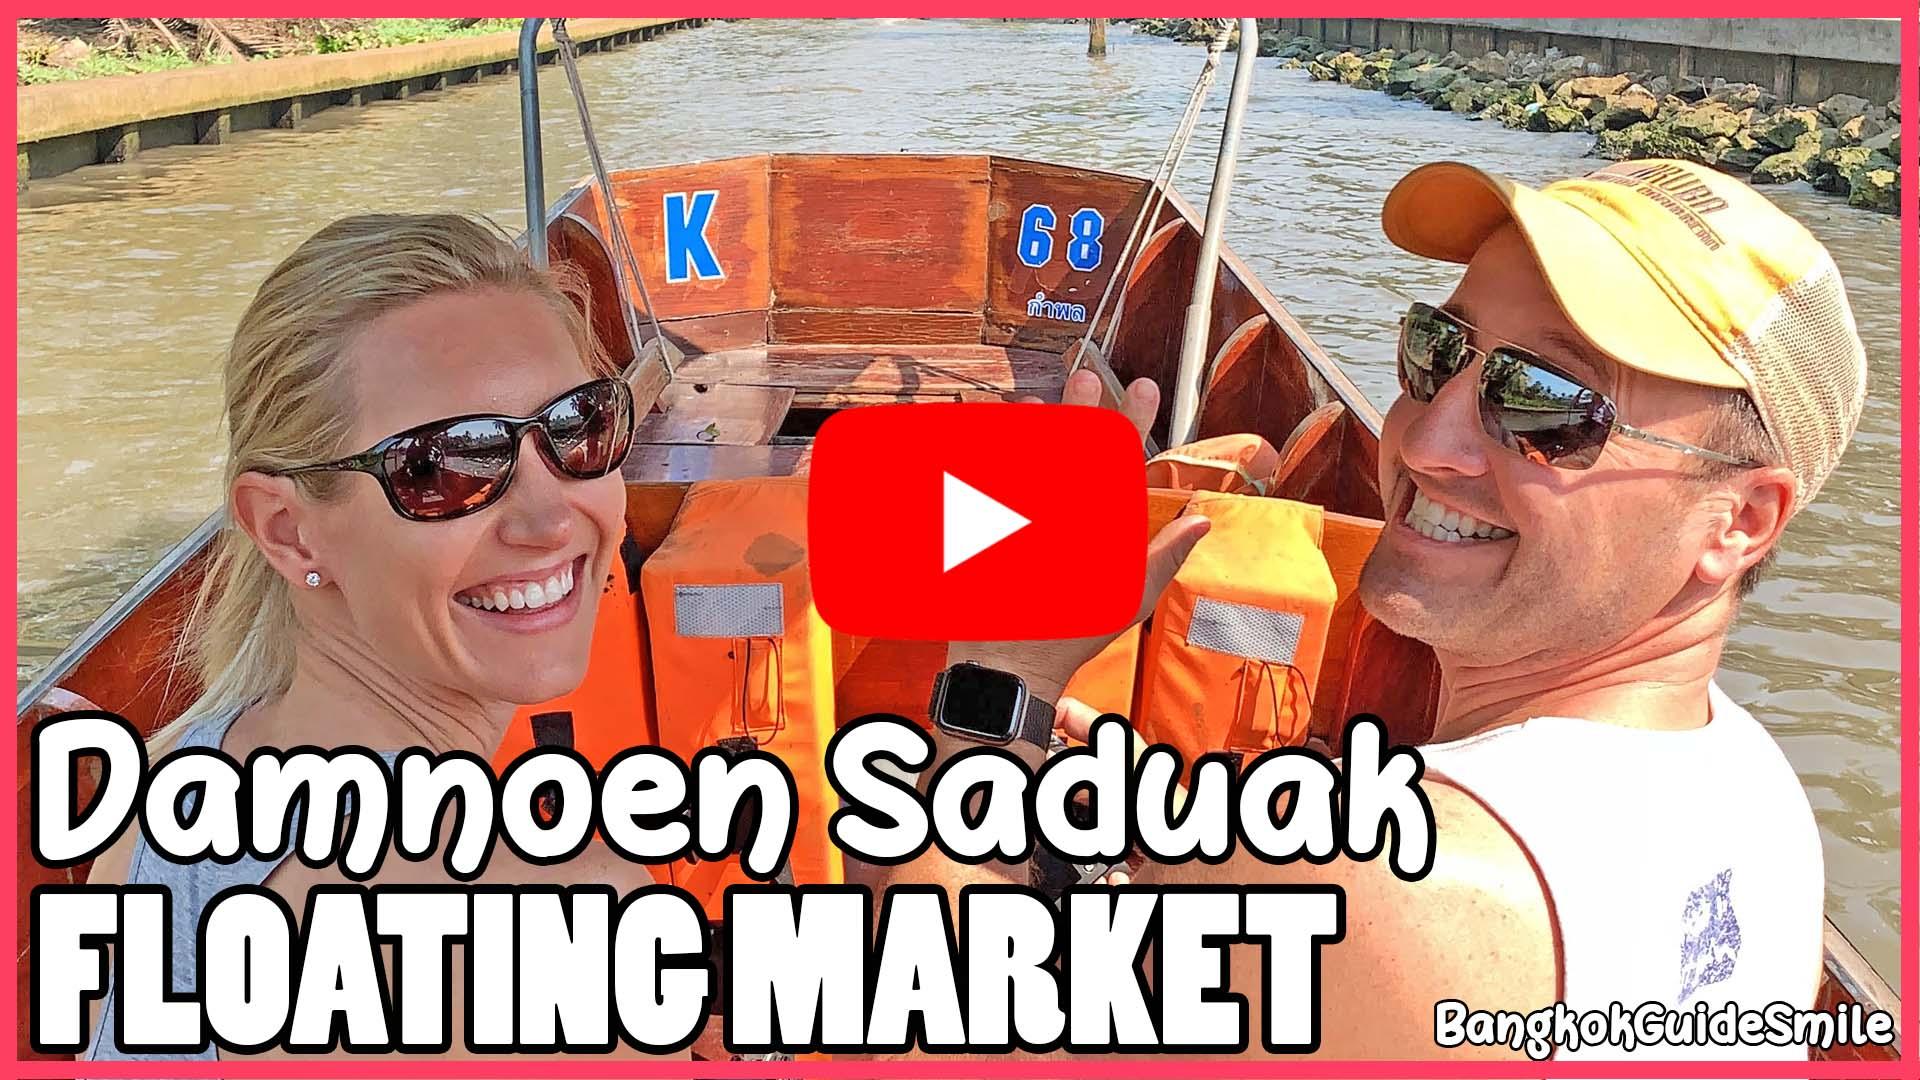 Bangkok-Guide-Smile-Private-Tour-Floating-Market-Damnoen-Saduak-02.jpg